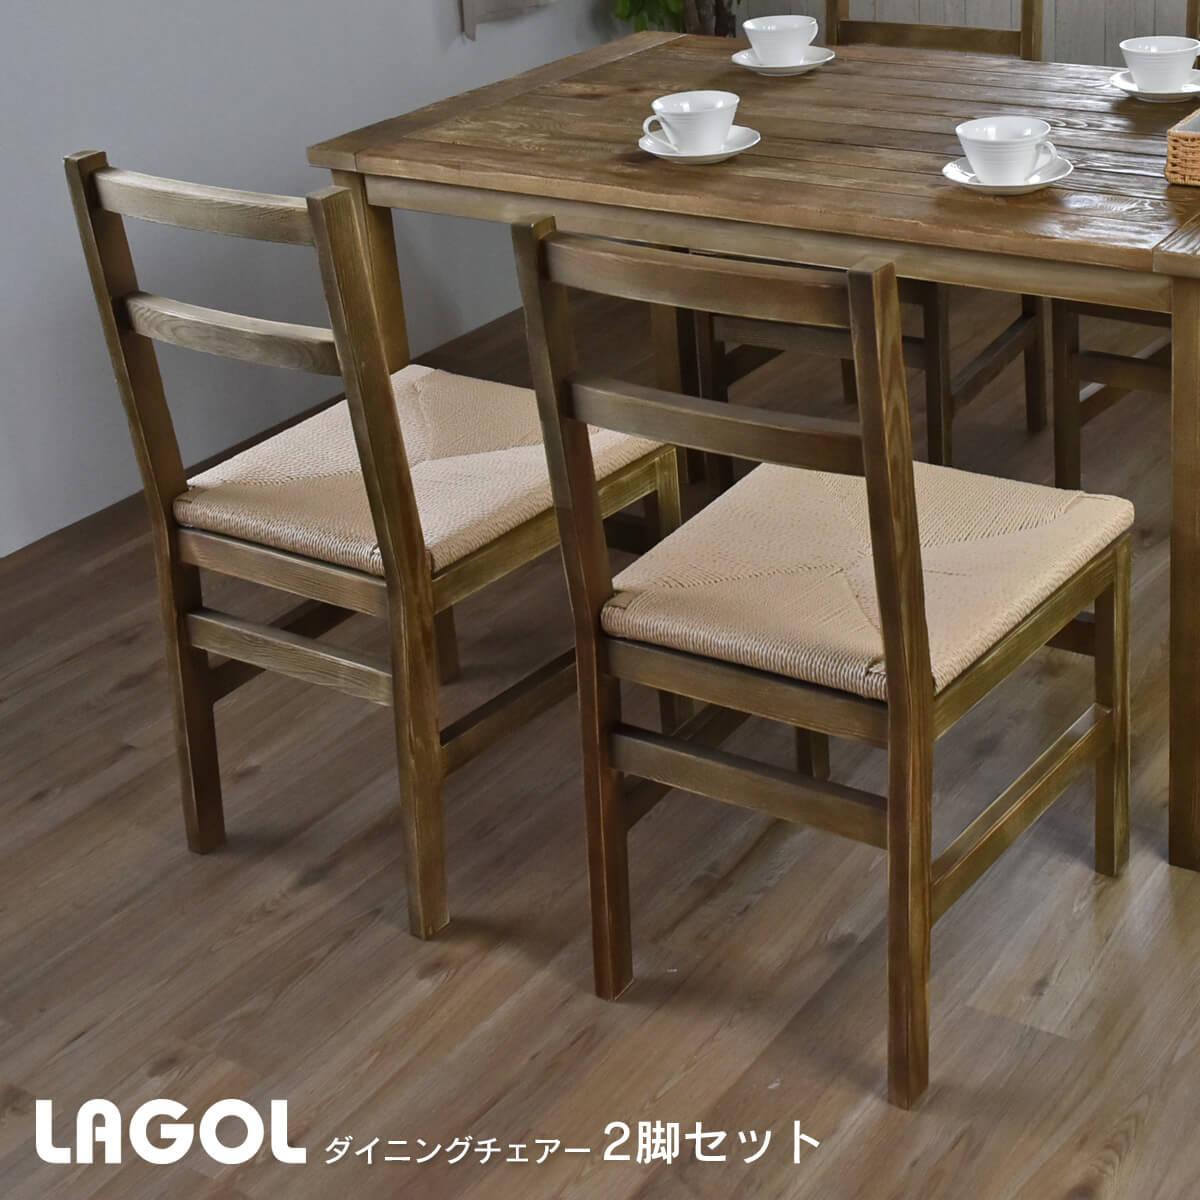 【送料無料】 LAGOL ダイニングチェアー 2脚セット カフェ 天然木 アンティーク 古材 木製 おしゃれ デザイン LADC-43-P2